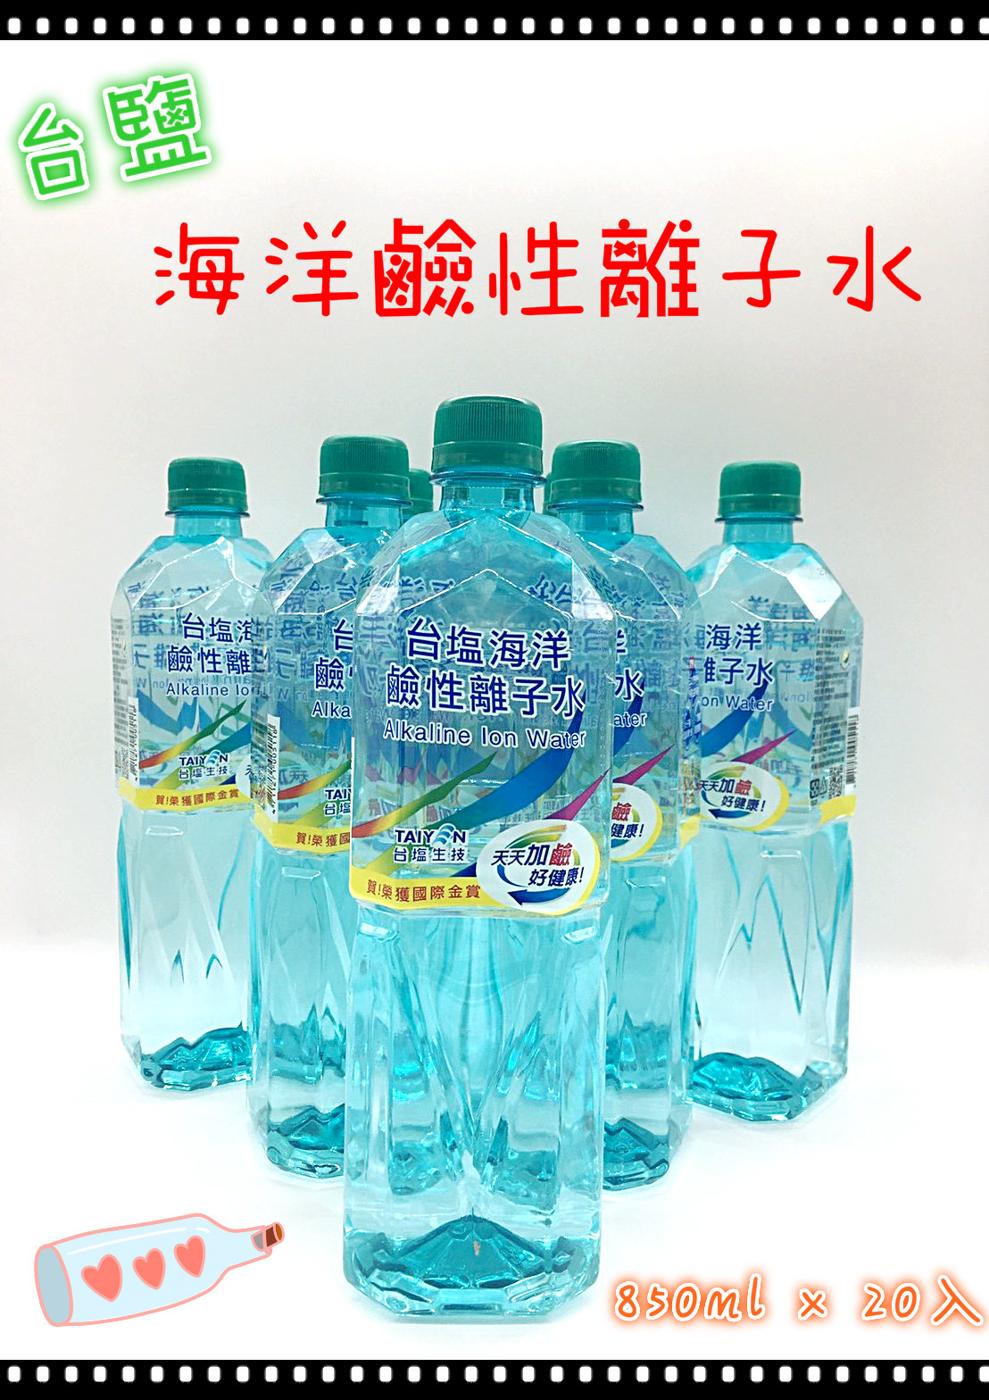 台鹽 海洋鹼性離子水850mlx20瓶❤礦泉水 竹炭水 海洋鹼性離子水 多喝水 純水 悅氏❤